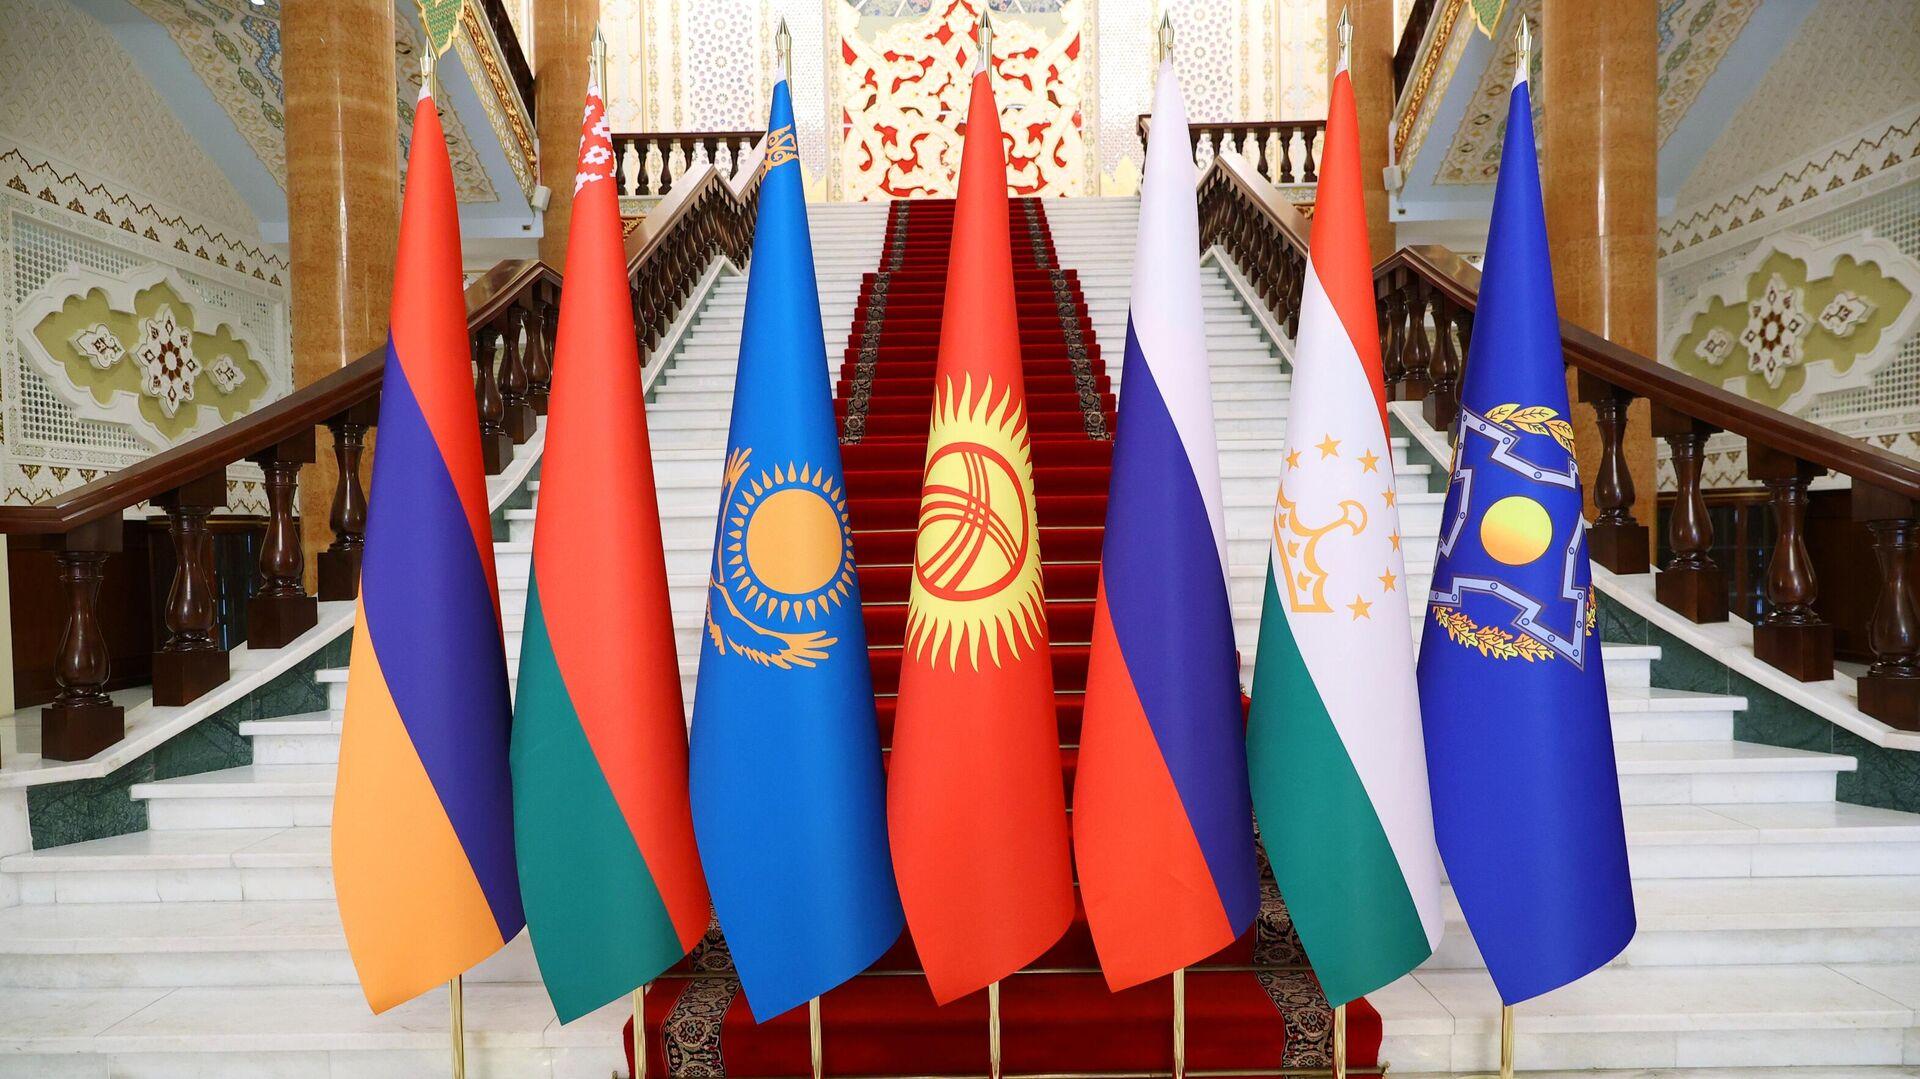 Флаги стран-участниц заседания Совета коллективной безопасности ОДКБ - Sputnik Таджикистан, 1920, 16.09.2021